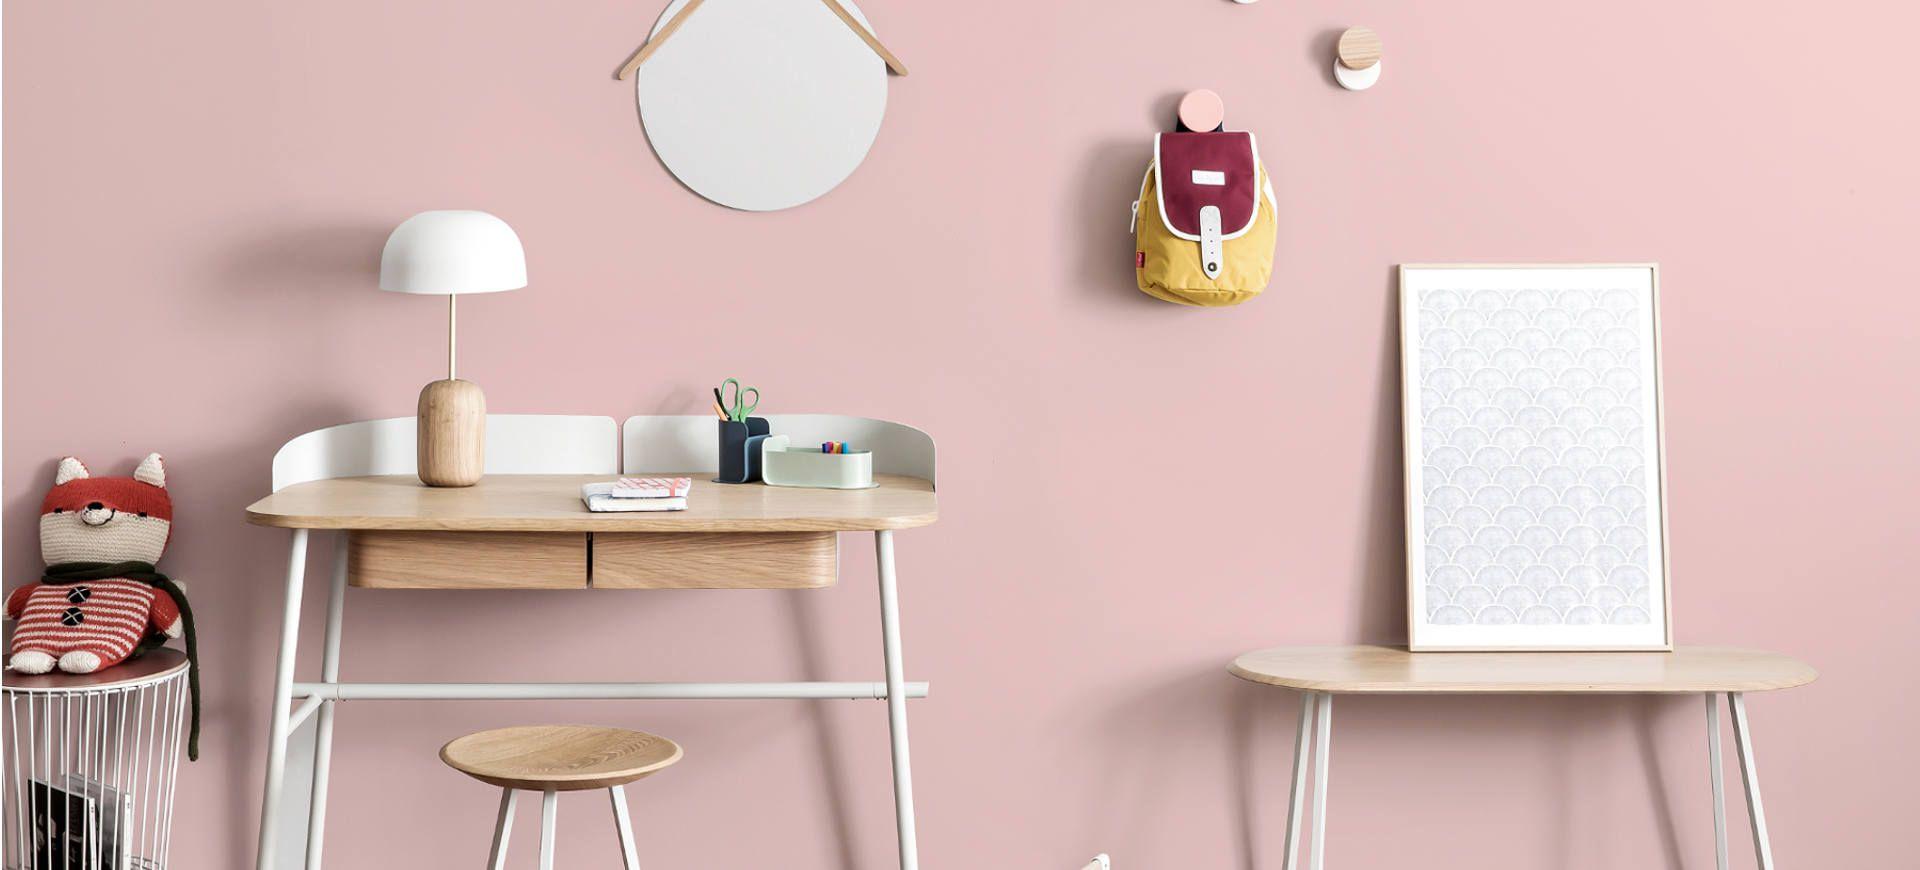 Kids Love Design Mobilier Et Decoration Design Pour Bebe Enfants